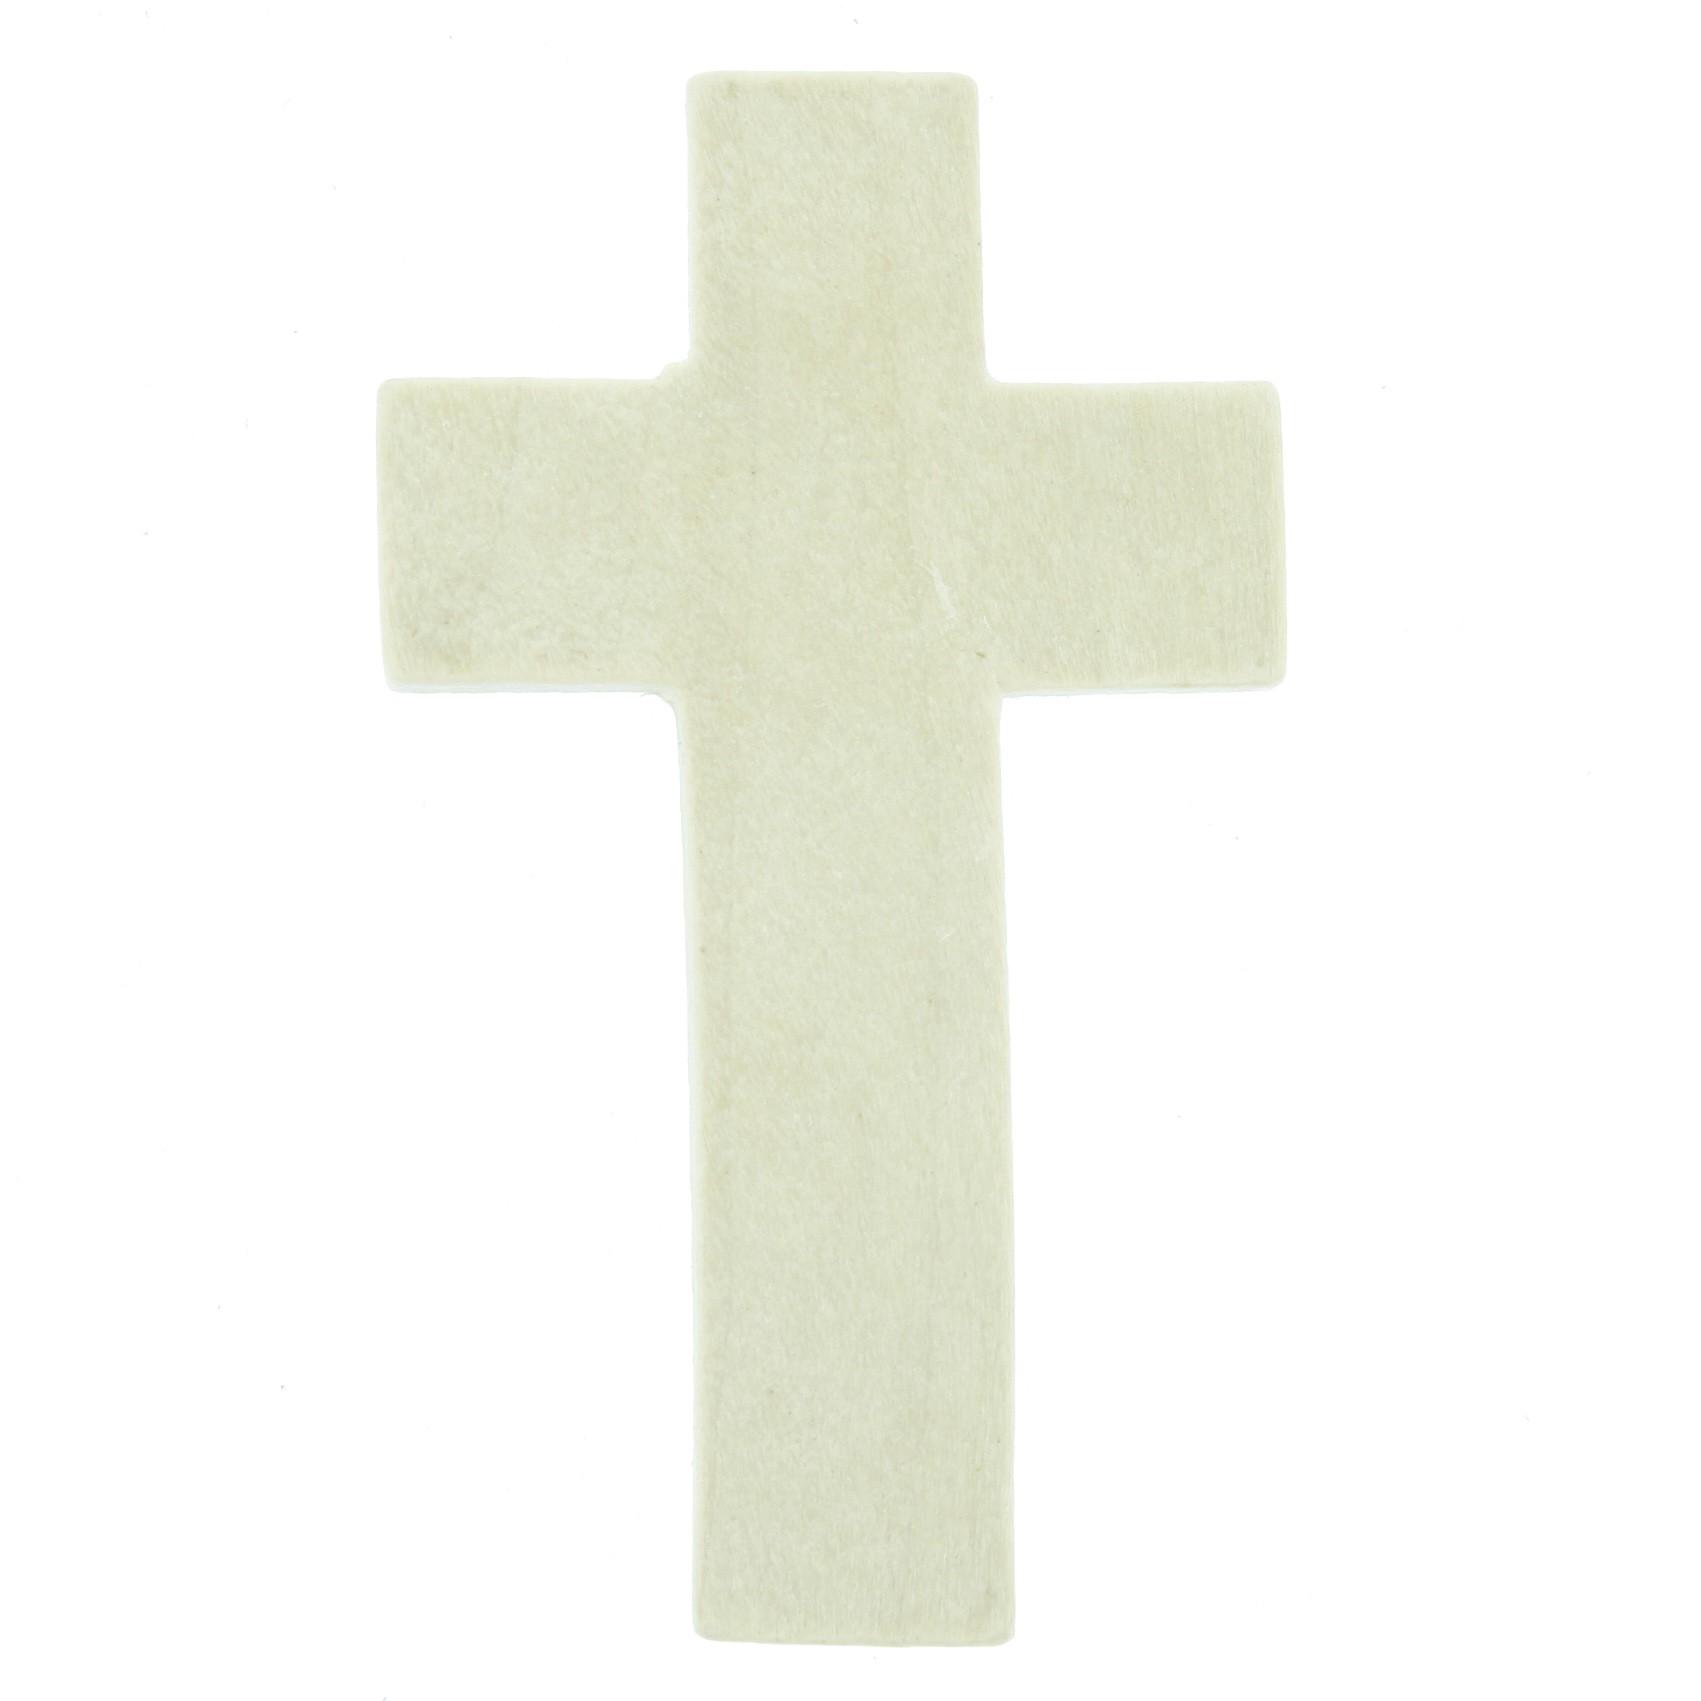 Crucifixo Madeira - Marfim - 43mm  - Universo Religioso® - Artigos de Umbanda e Candomblé